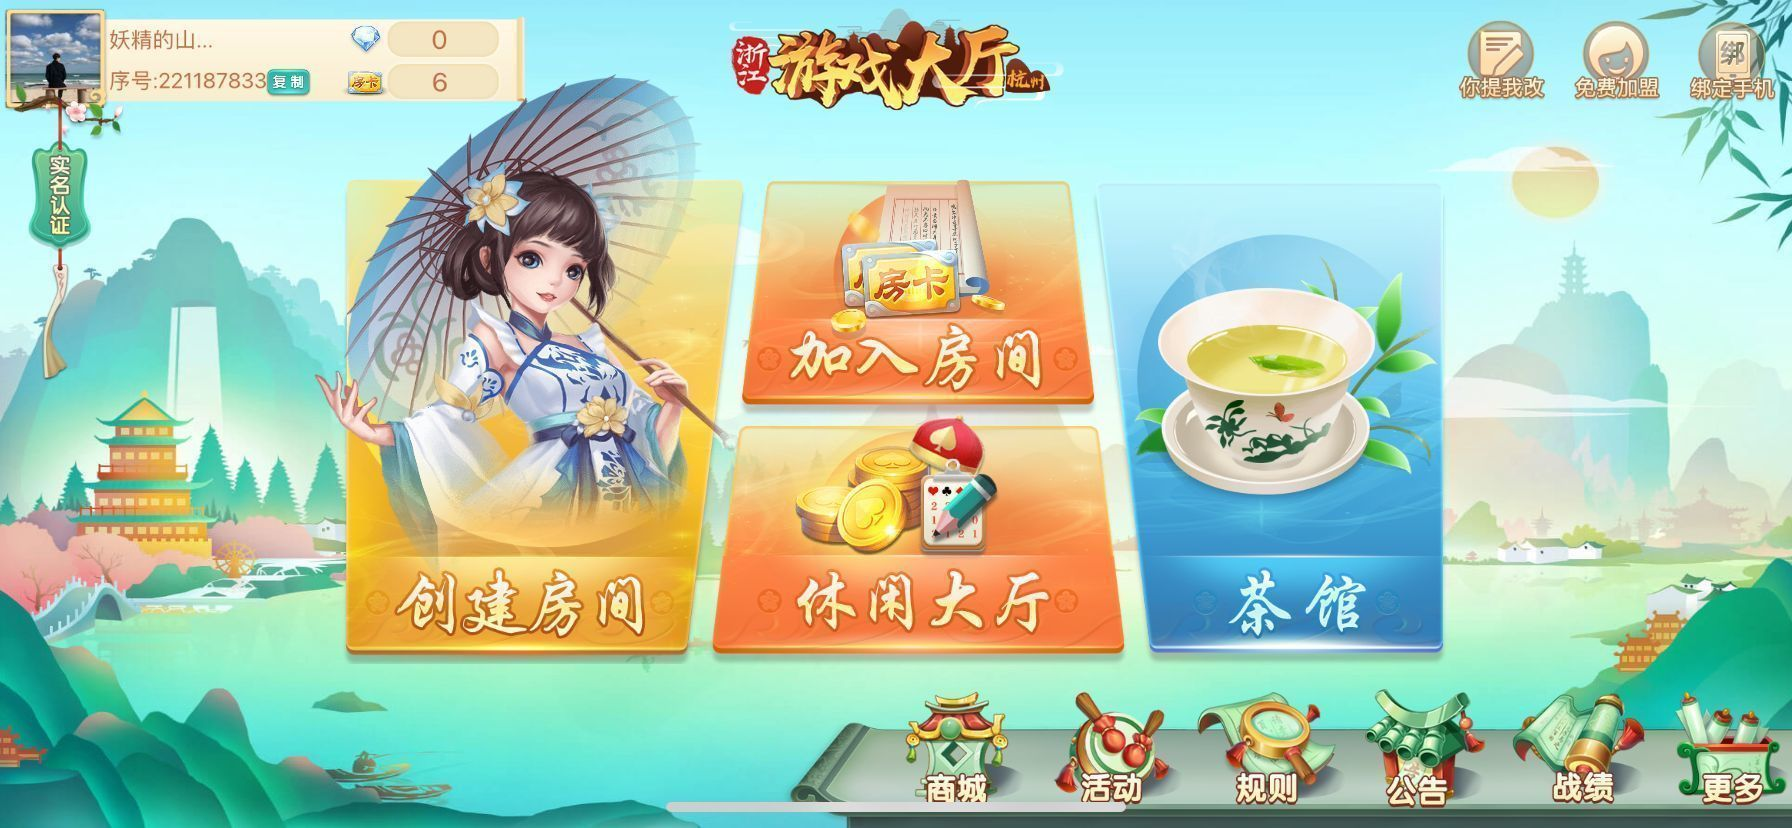 浙江游戏大厅温州熟客麻将 v1.0.2 第2张